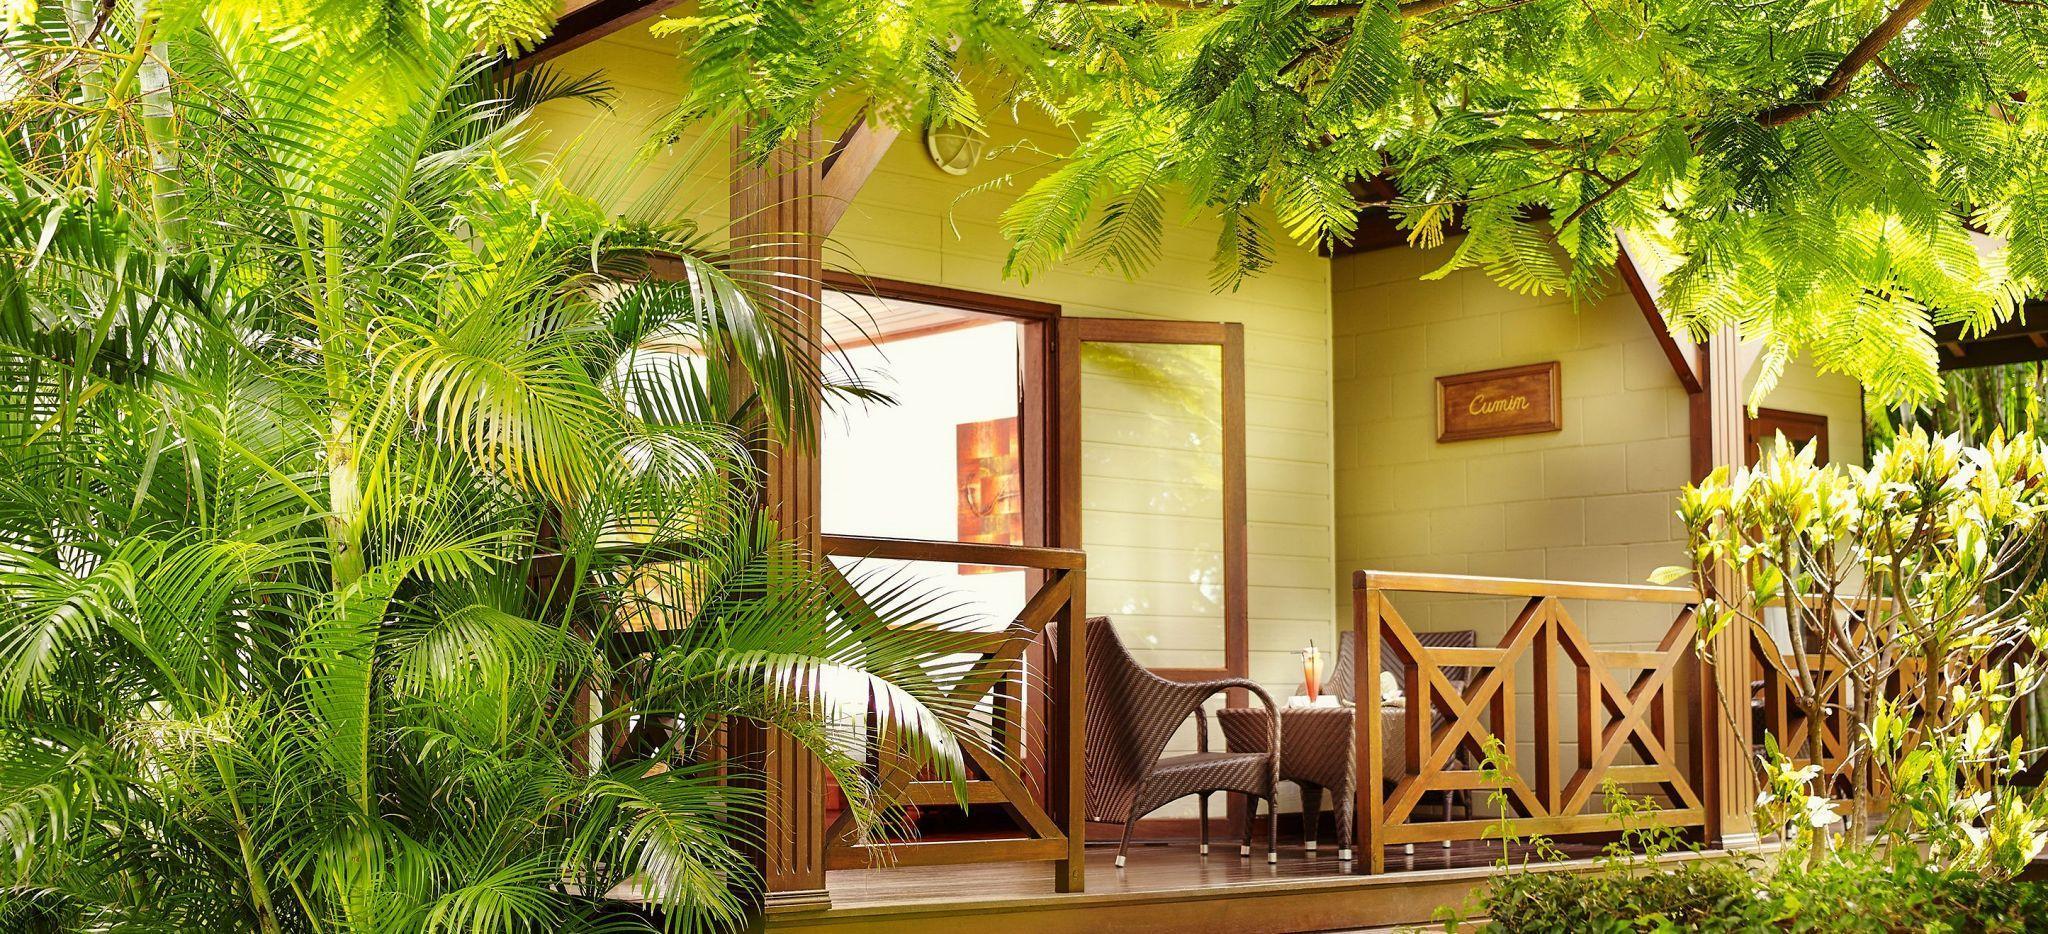 Ein Hotelzimmer eingerahmt von tropischem Gewächs